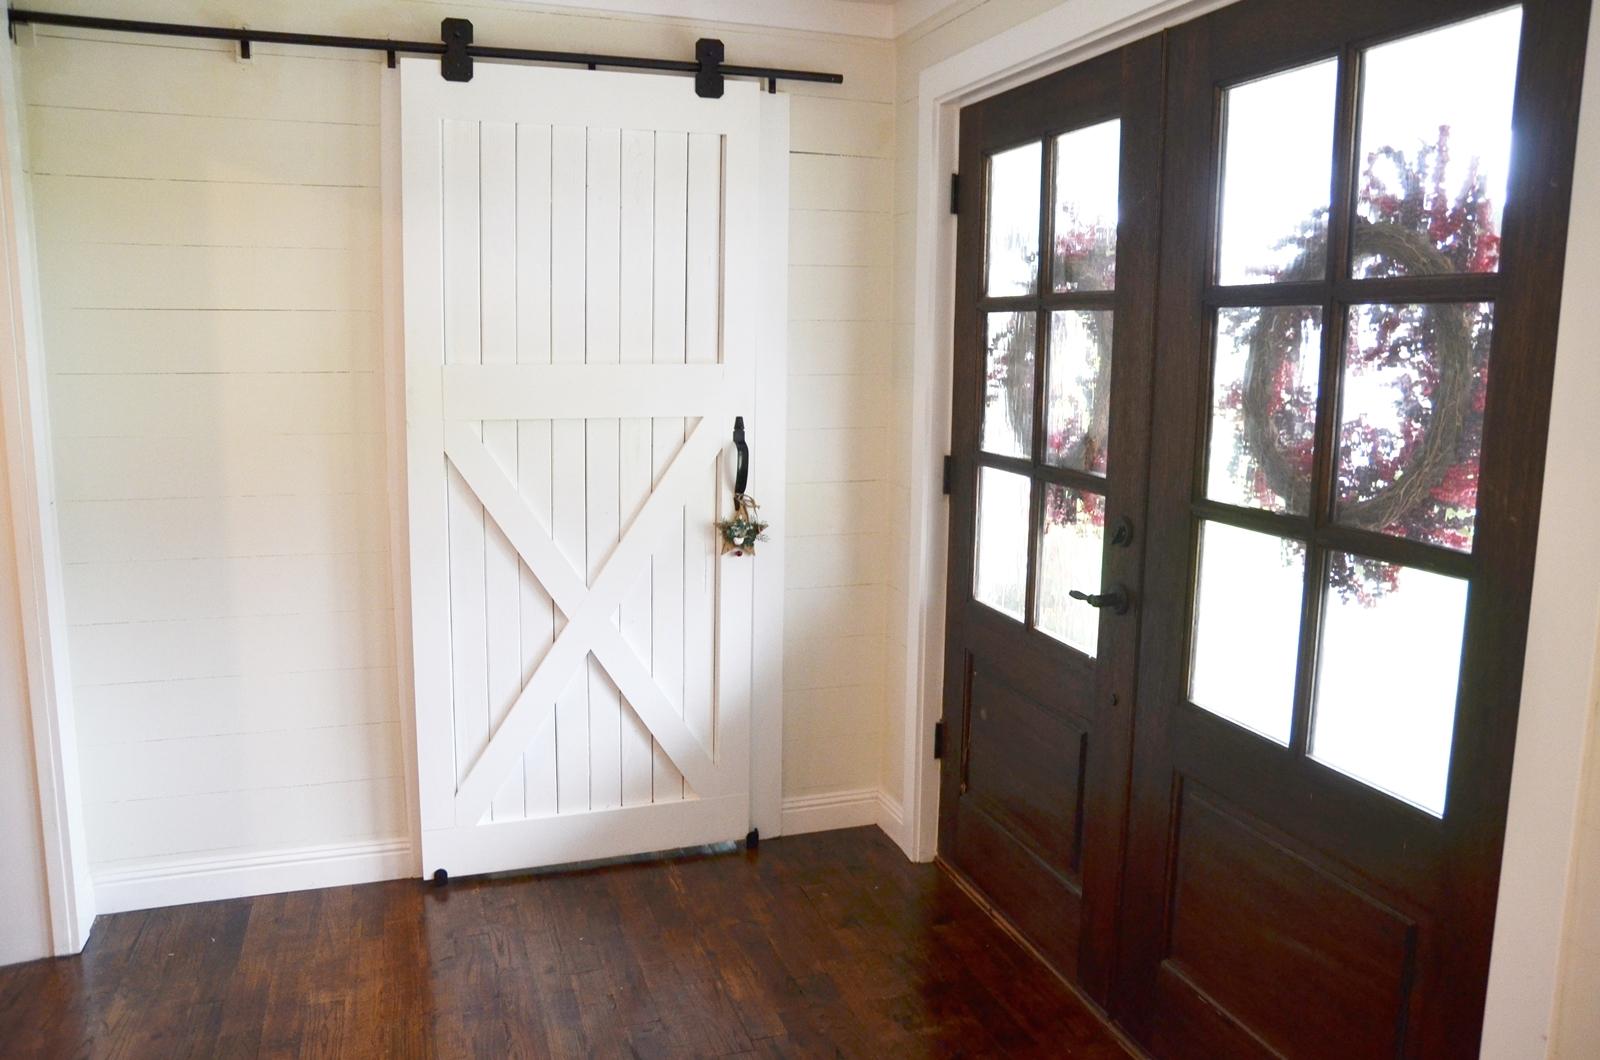 How To Hang A Barn Door!